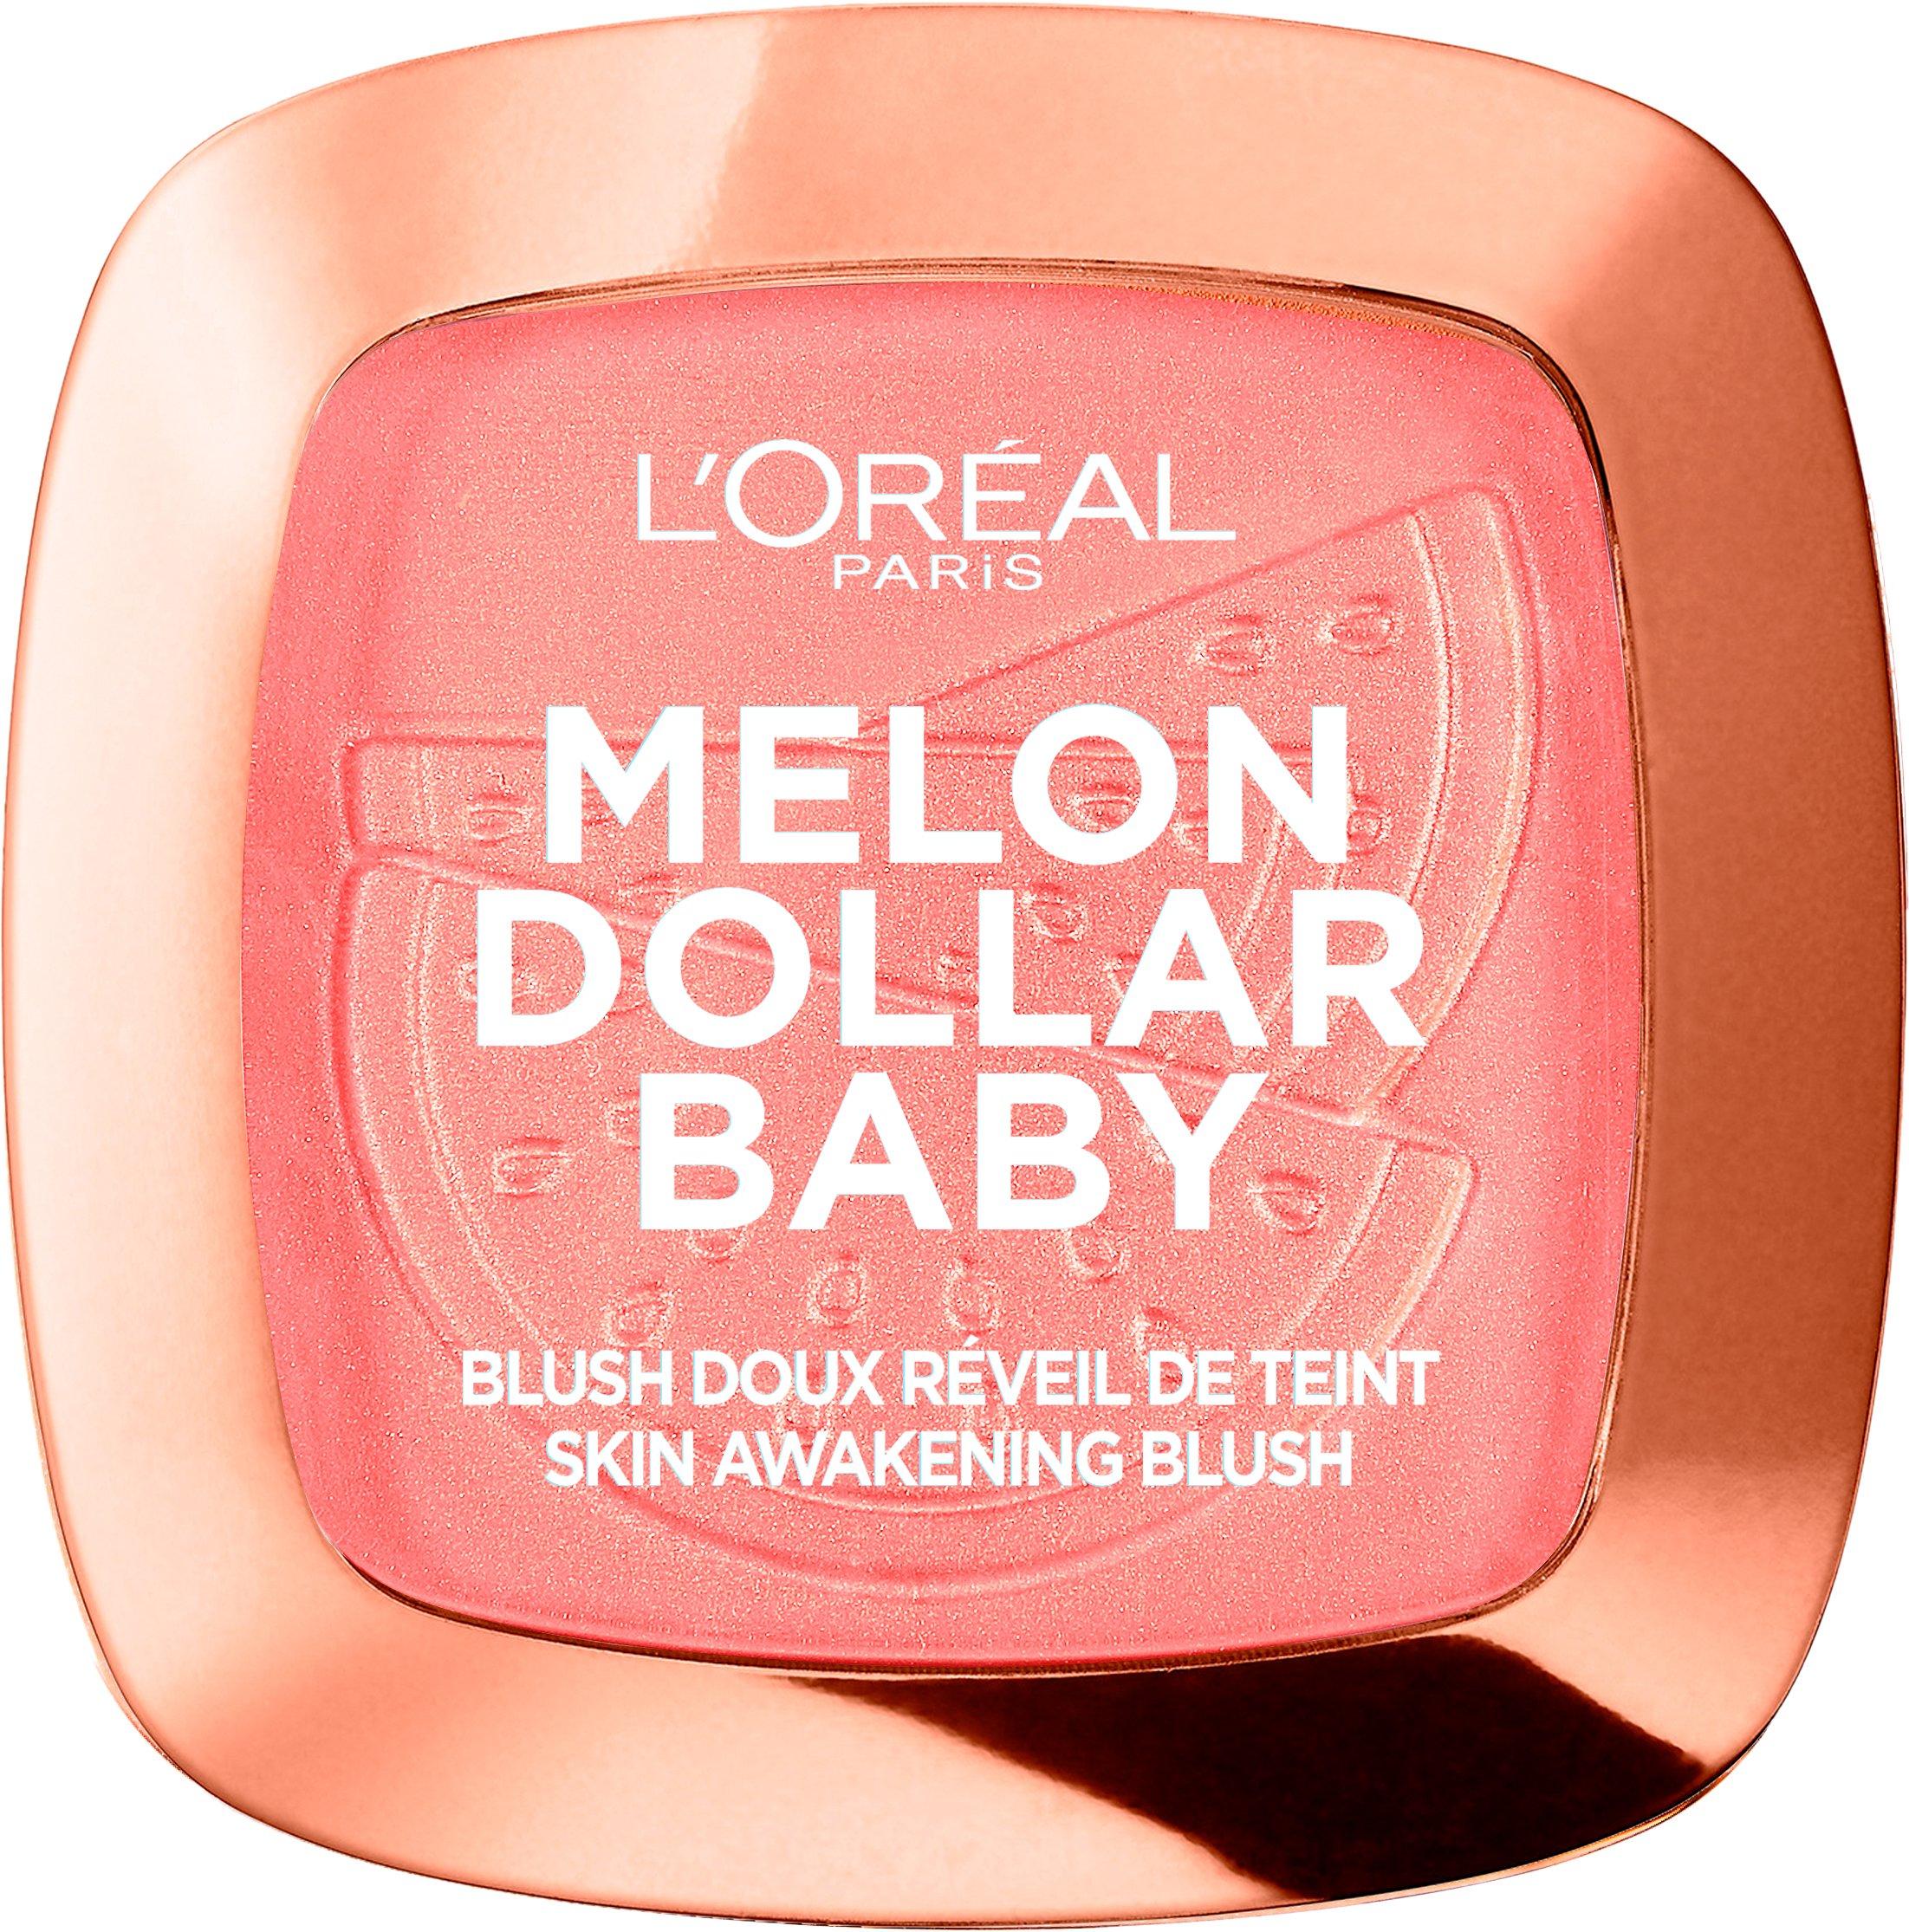 L'Oréal - Woke Up Like This Blush - Melon Berry